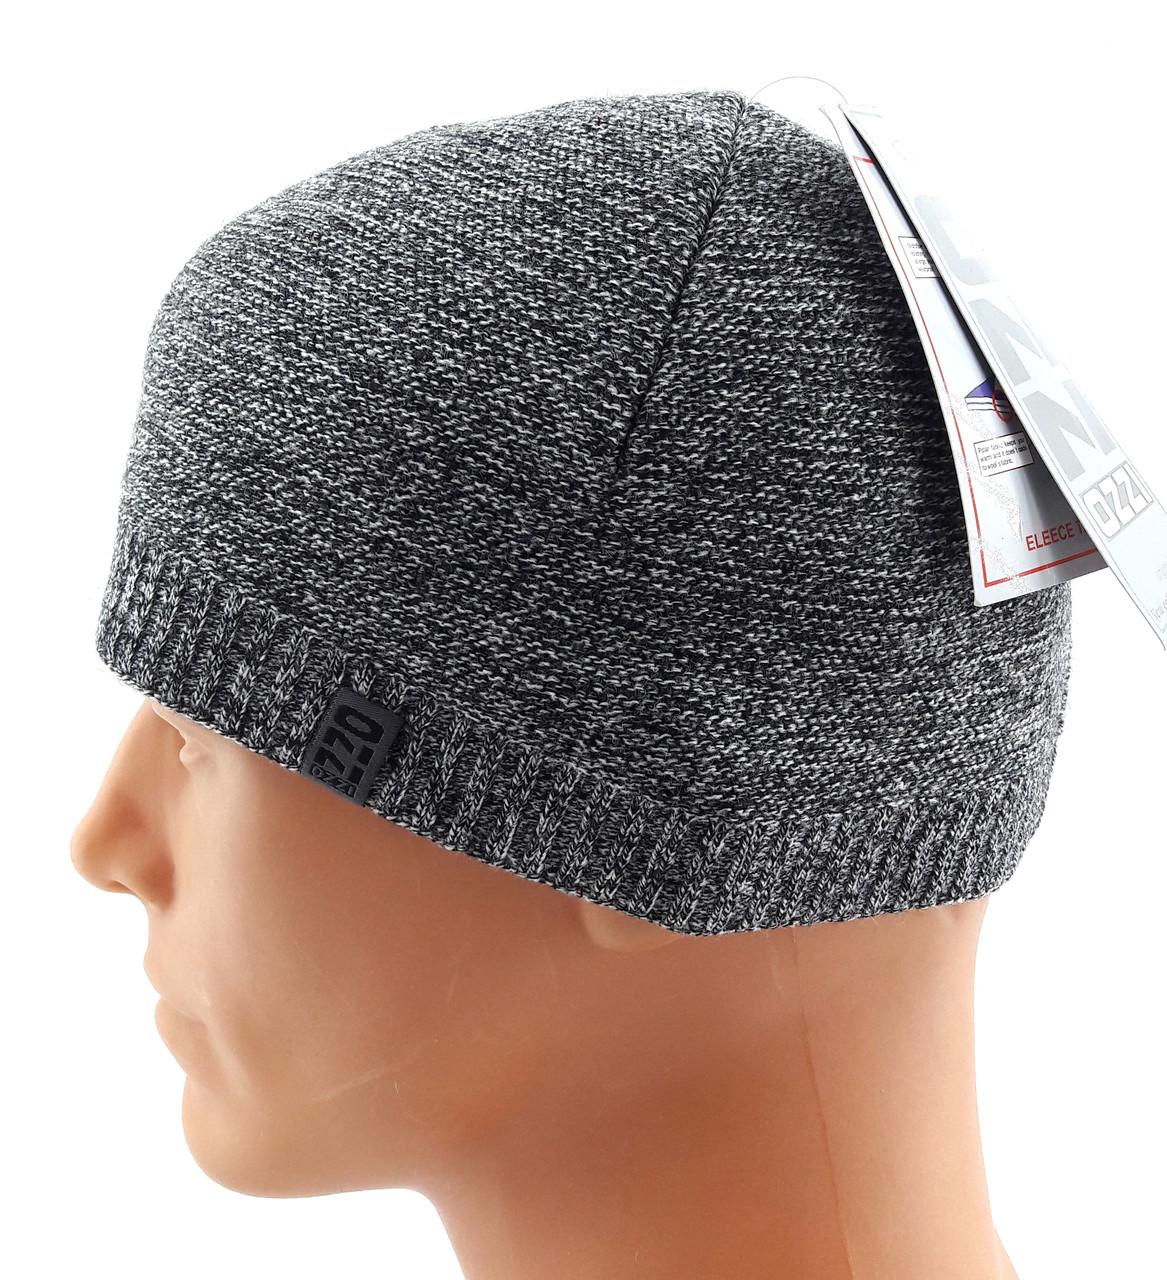 вязаная шапка мужская польская Ozzi размер универсальный шб47